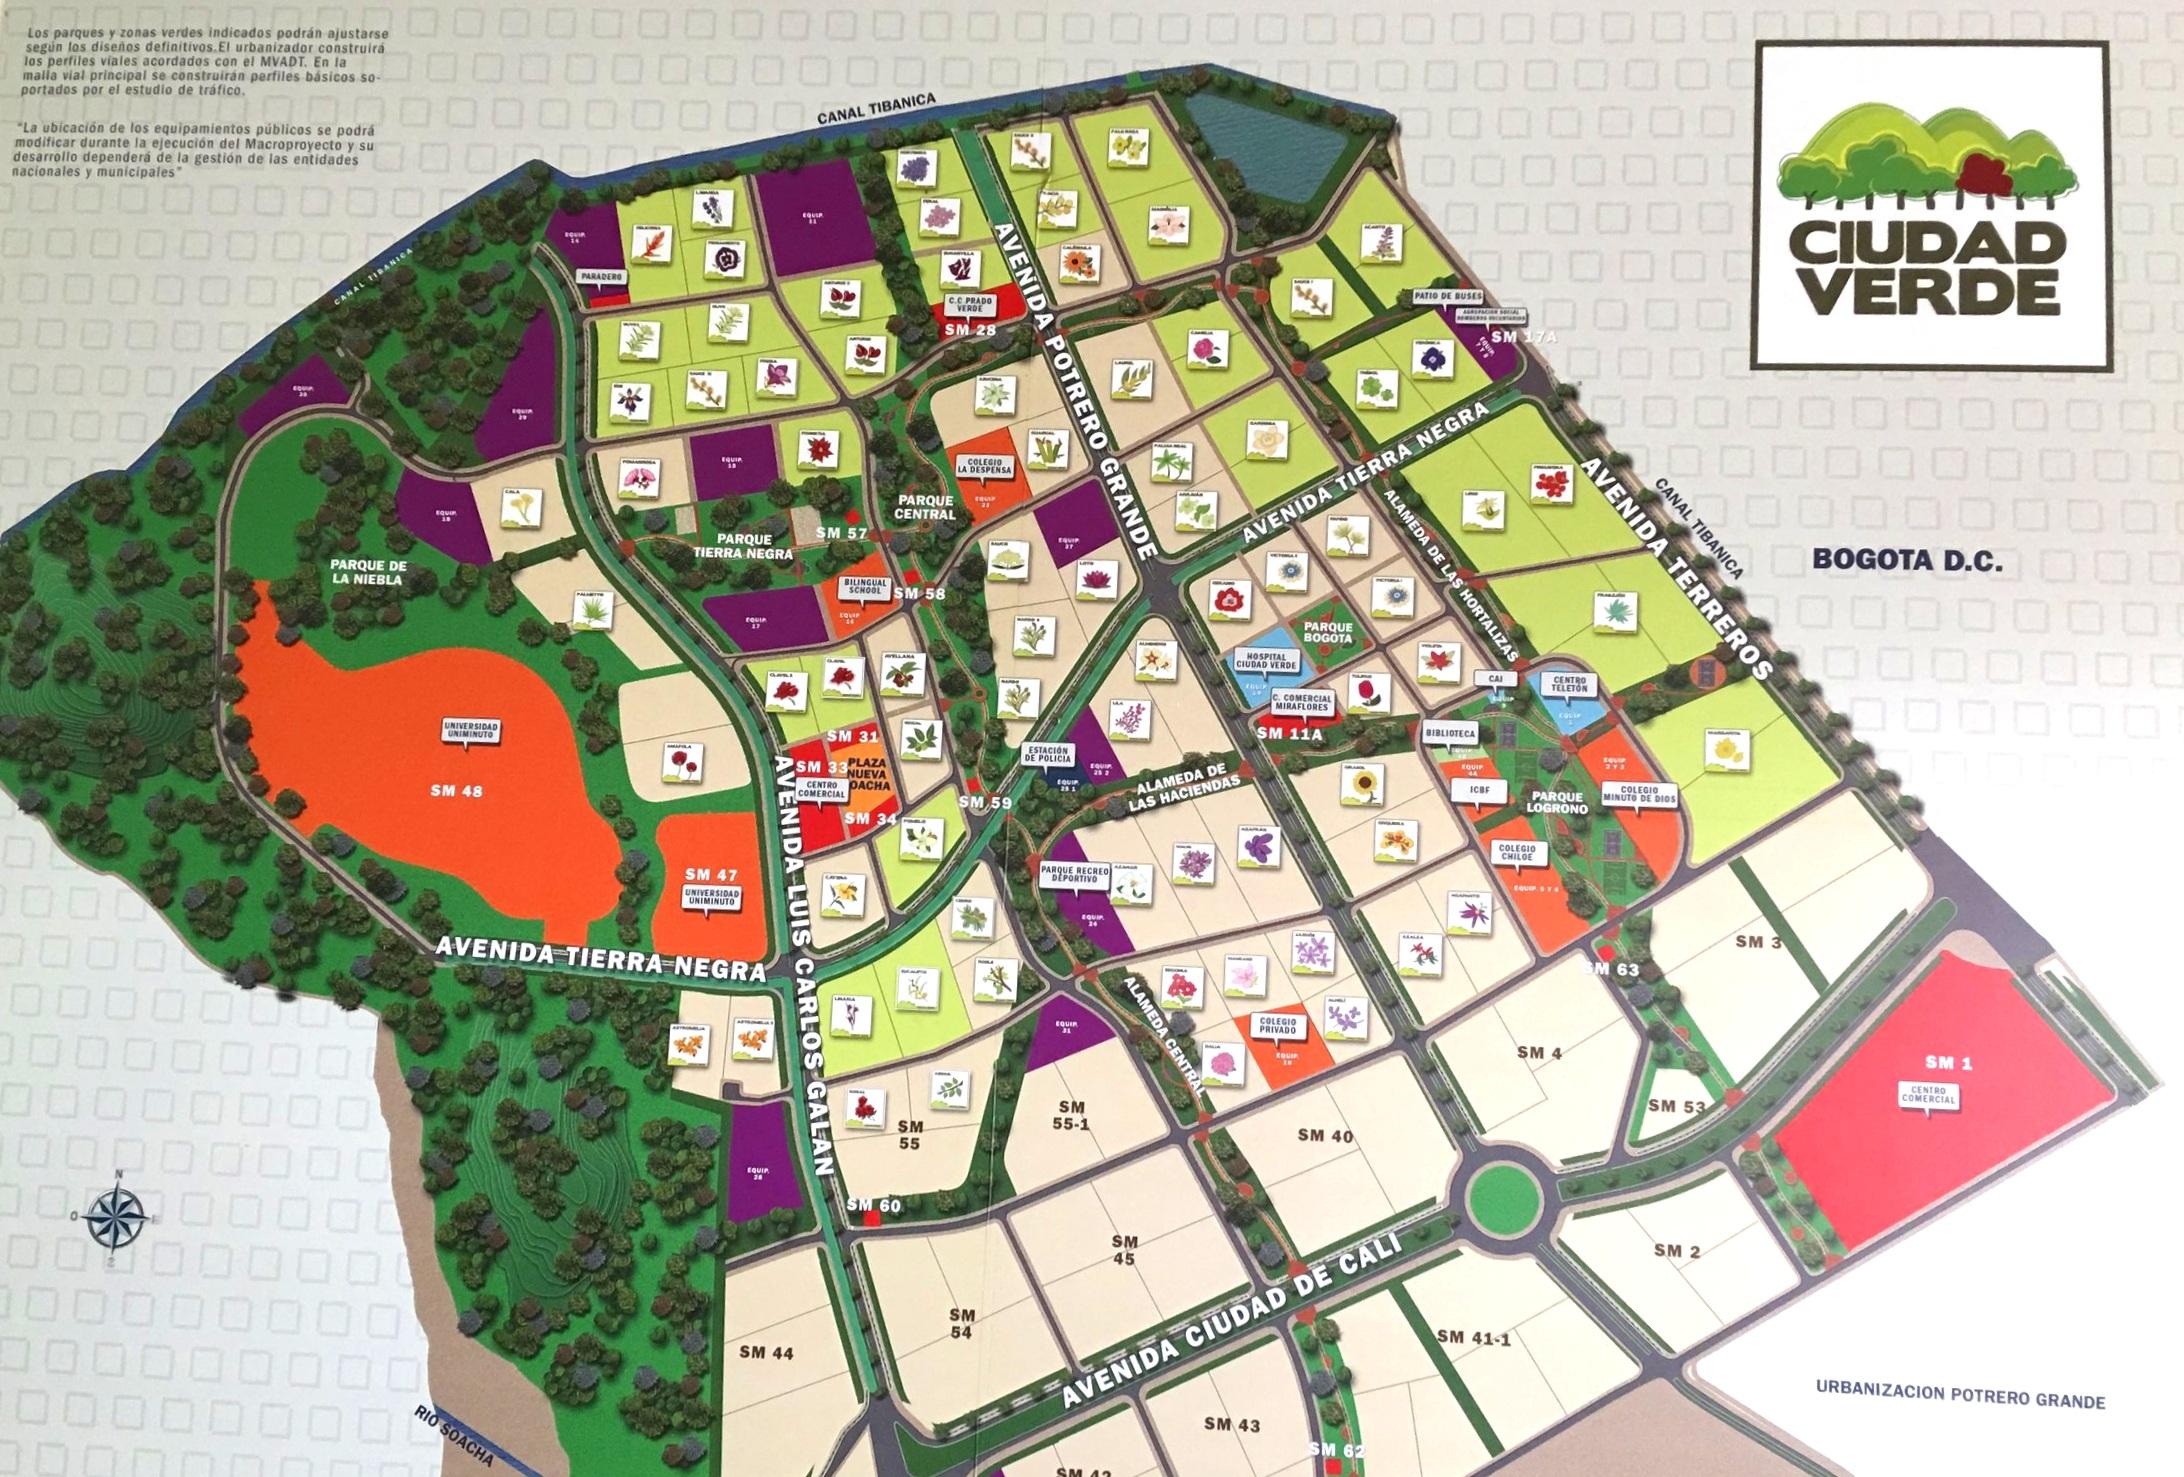 Ciudad Verde es un proyecto de 9 desarrolladores de vivienda que han aprovechado las excelentes políticas de vivienda de Colombia para construir y vender 24,000 viviendas en las afueras de Bogotá.